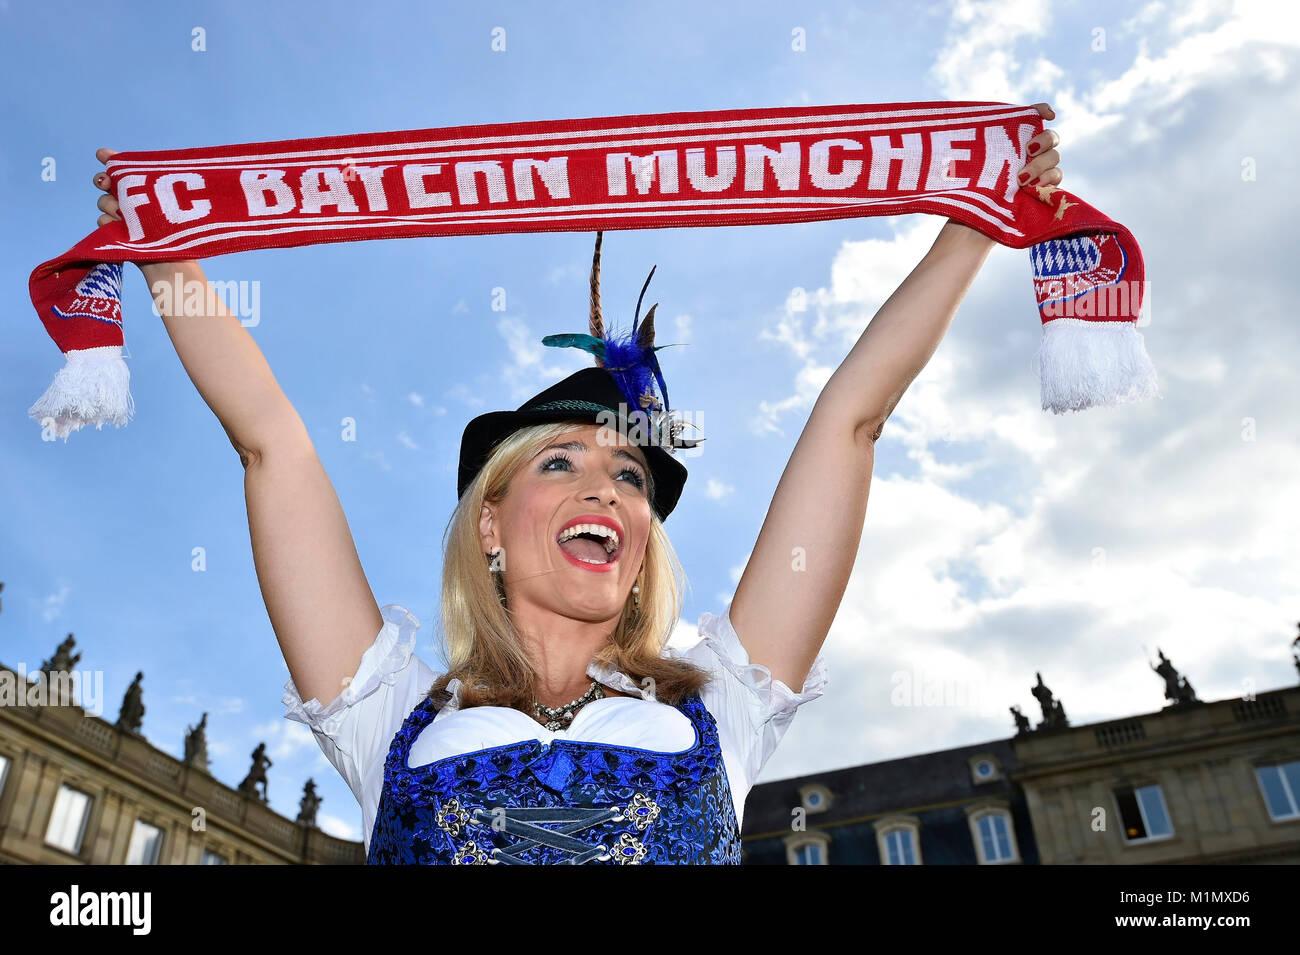 junge Frau mit Dirnd und Trachtenhutl, FC Bayern Fanschal, weiblicher Fan, Deutschland - Stock Image